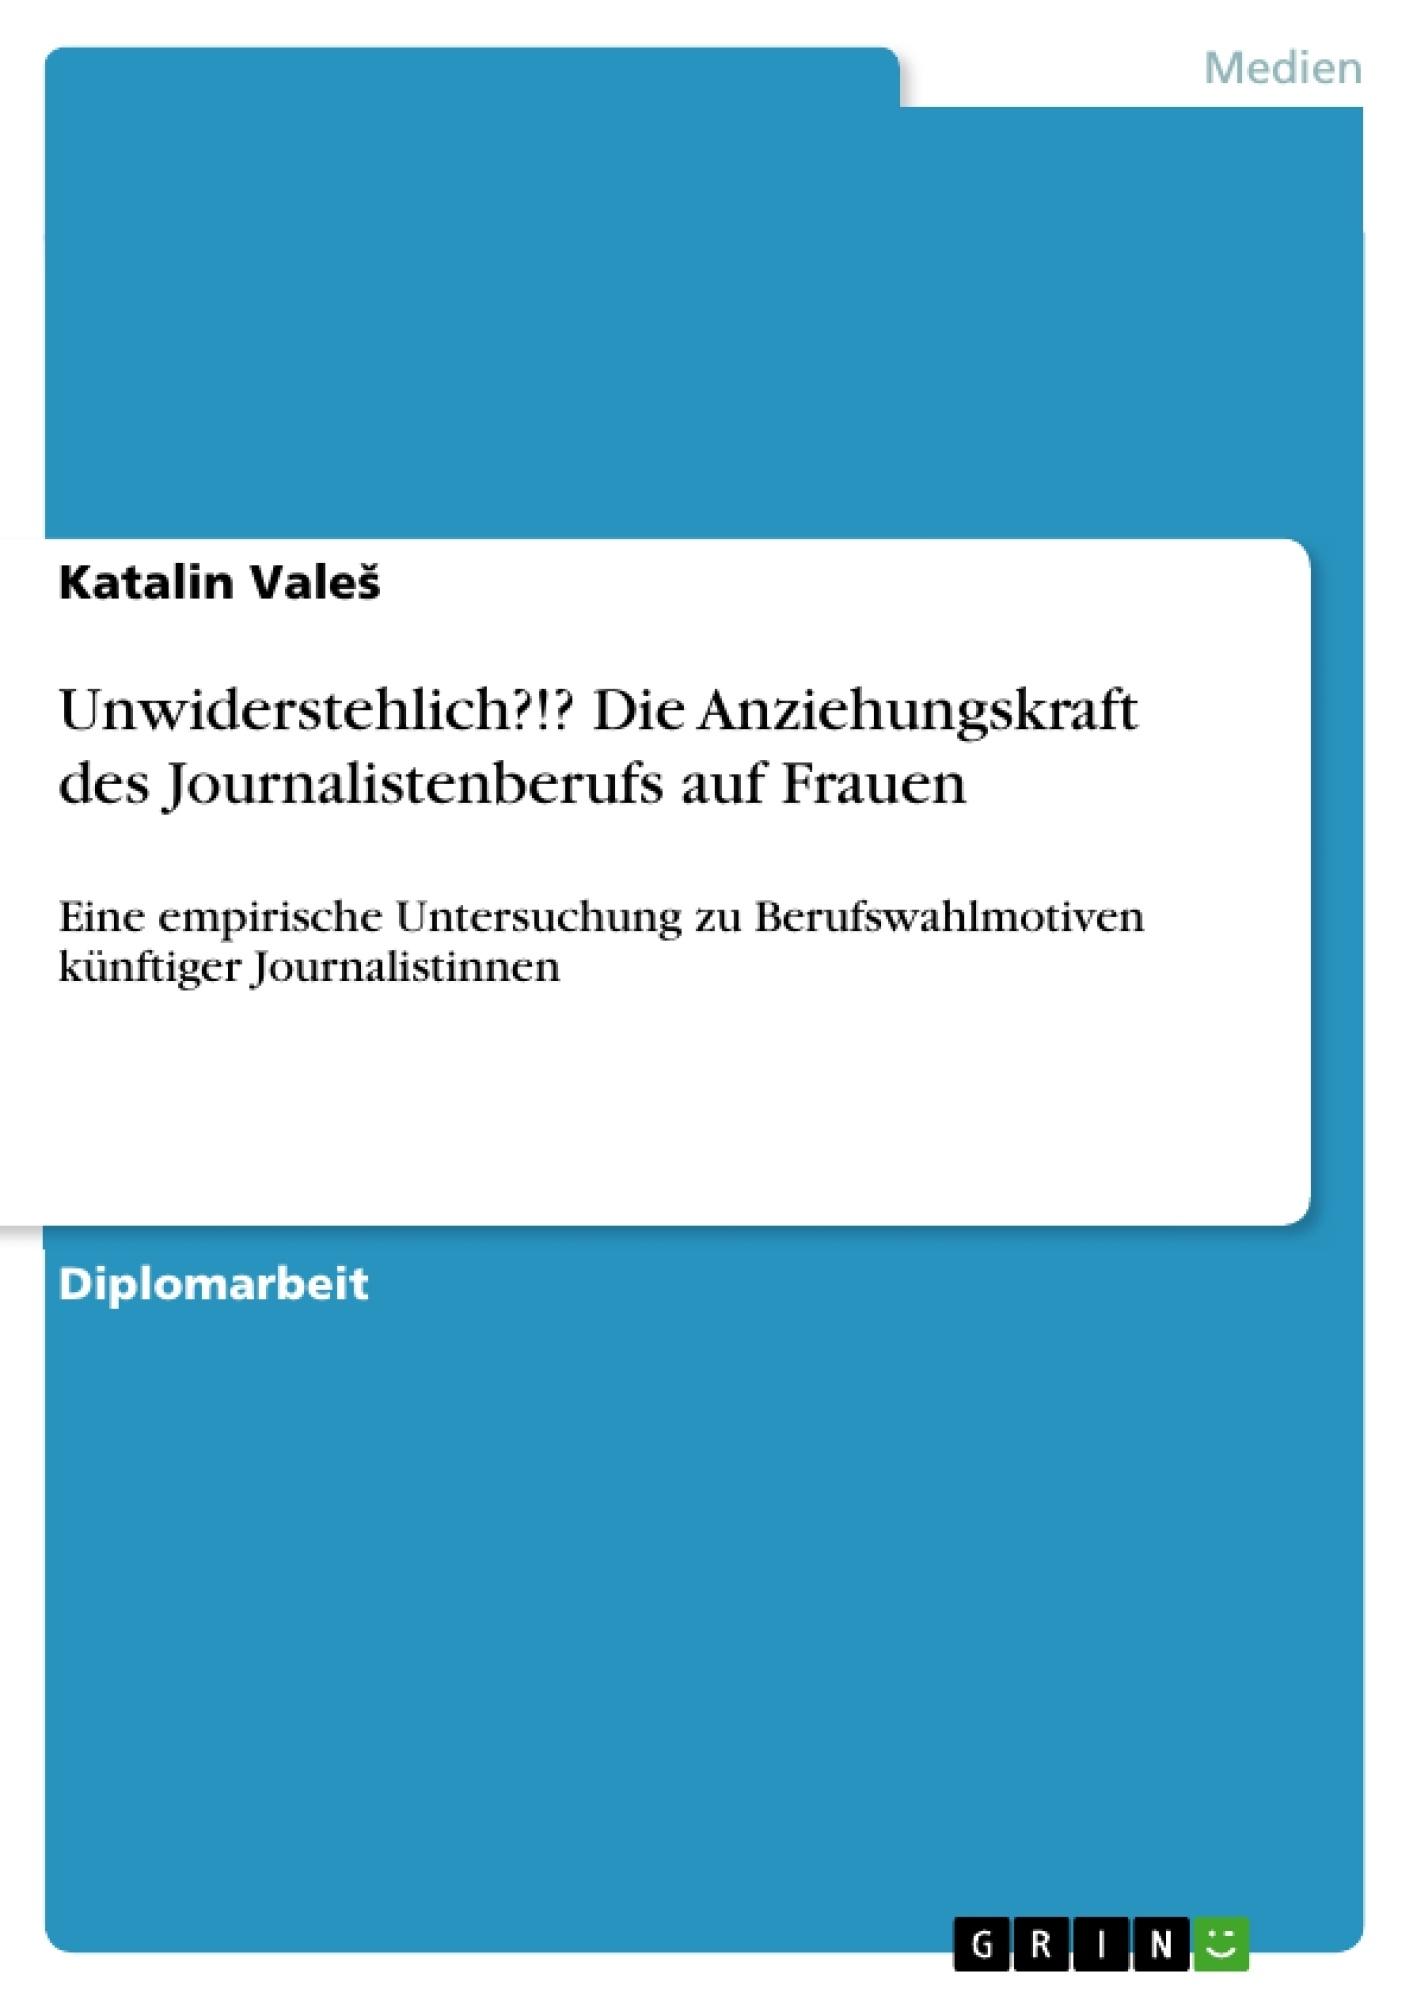 Titel: Unwiderstehlich?!? Die Anziehungskraft des Journalistenberufs auf Frauen